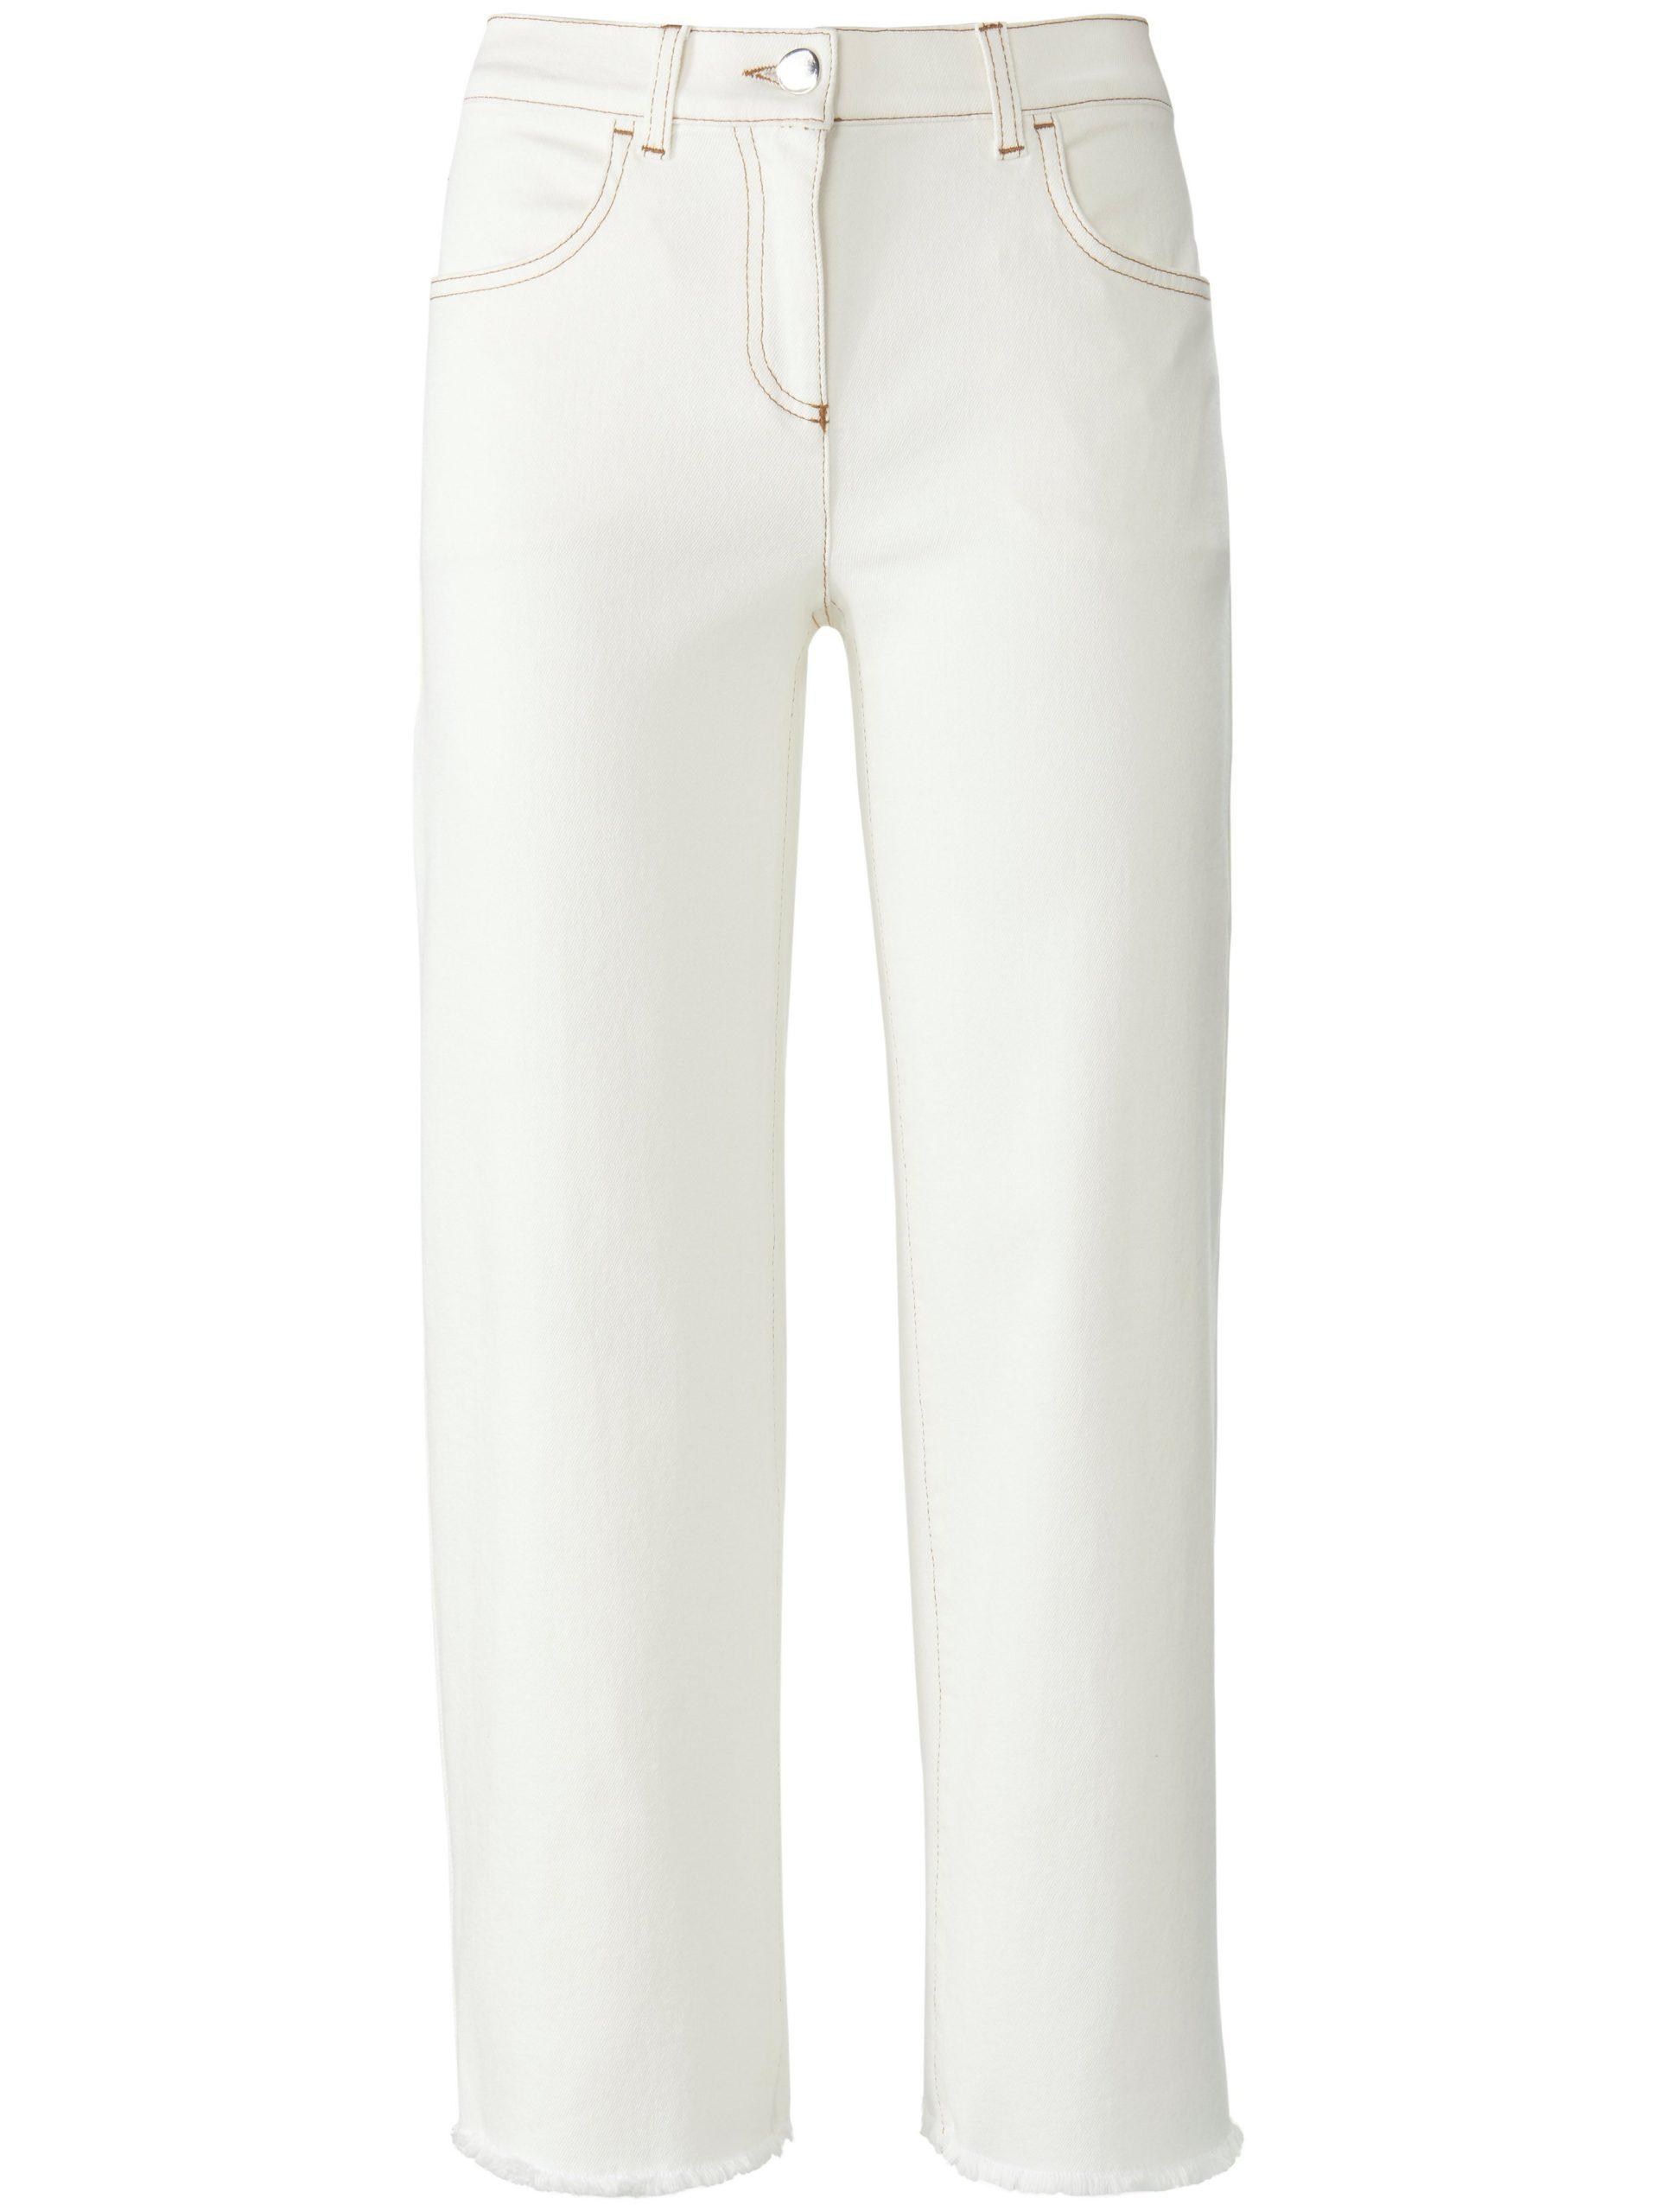 7/8-jeans-culotte franjezoom Van DAY.LIKE wit Kopen